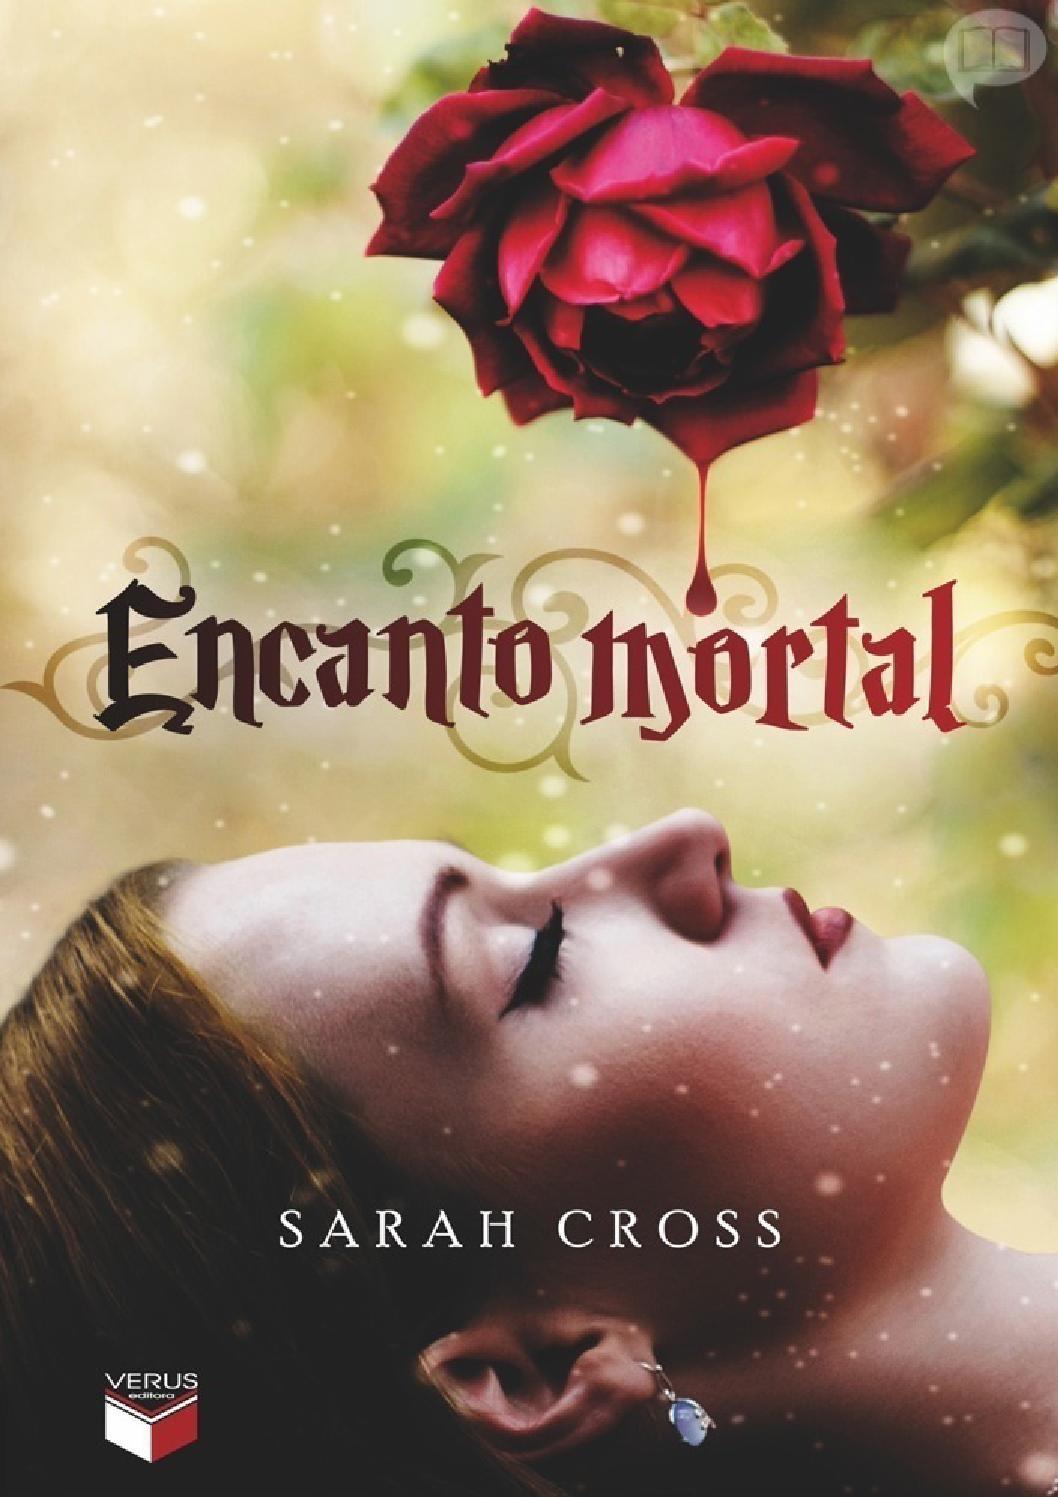 3e08e5e5549 Encanto mortal sarah cross by Catarina Castro - issuu